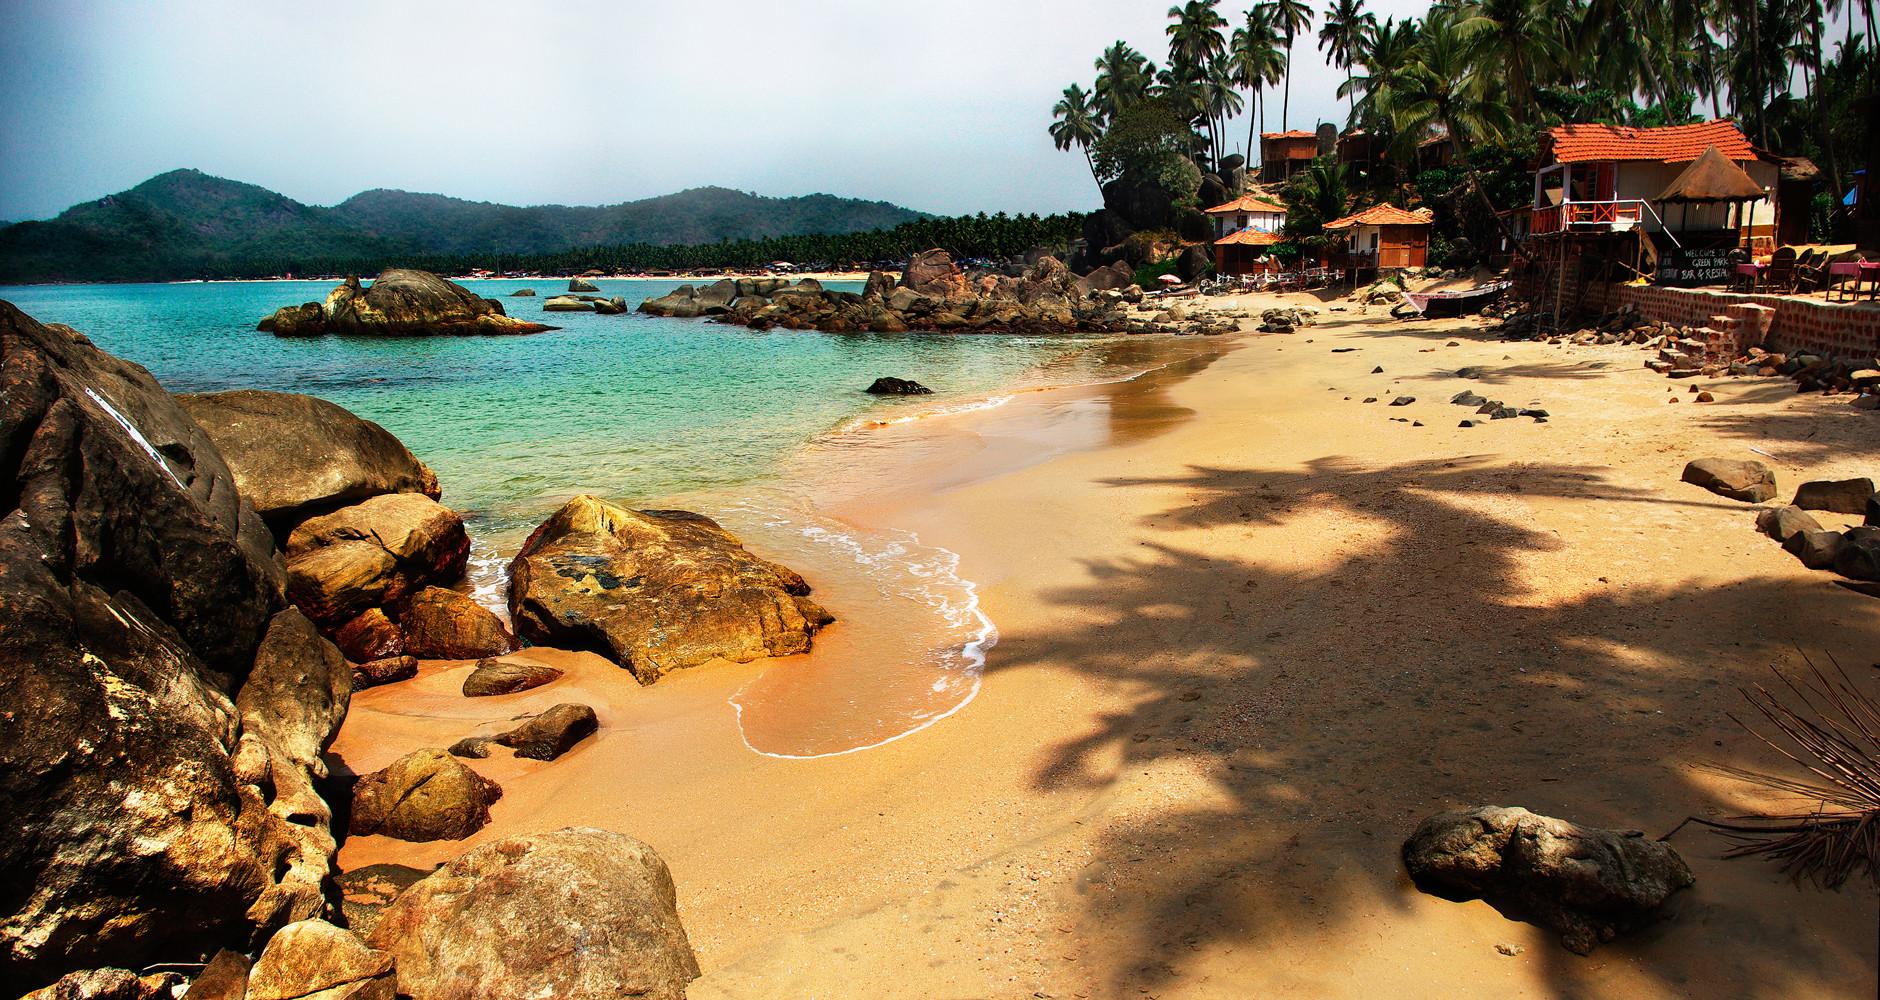 Гоа, Таиланд, ОАЭ, Вьетнам: цены, где и что посмотреть и привезти домой